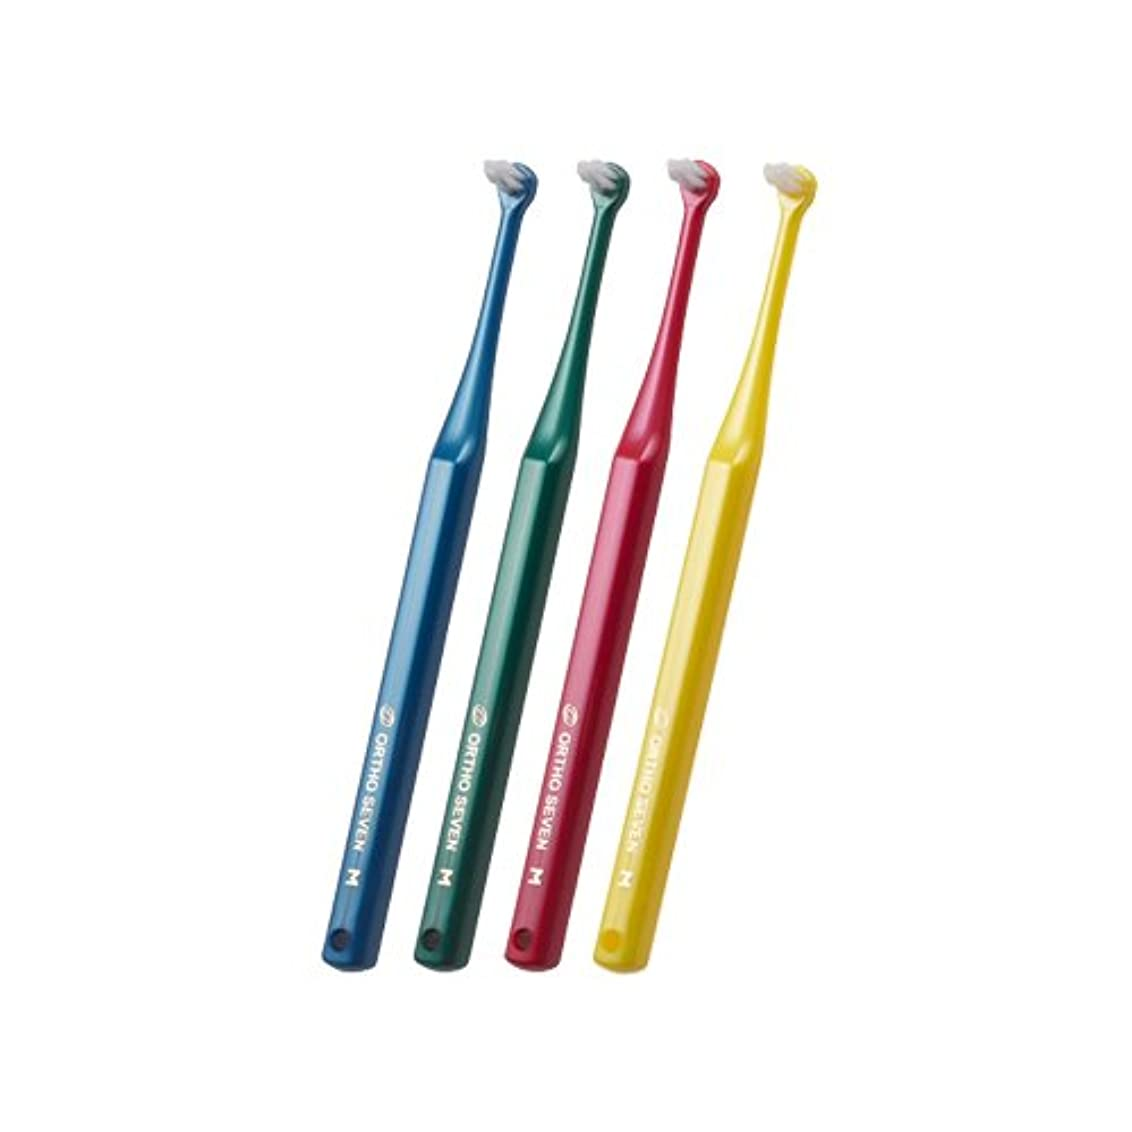 ORTHO SEVEN オーソセブン 歯ブラシ 4本セット